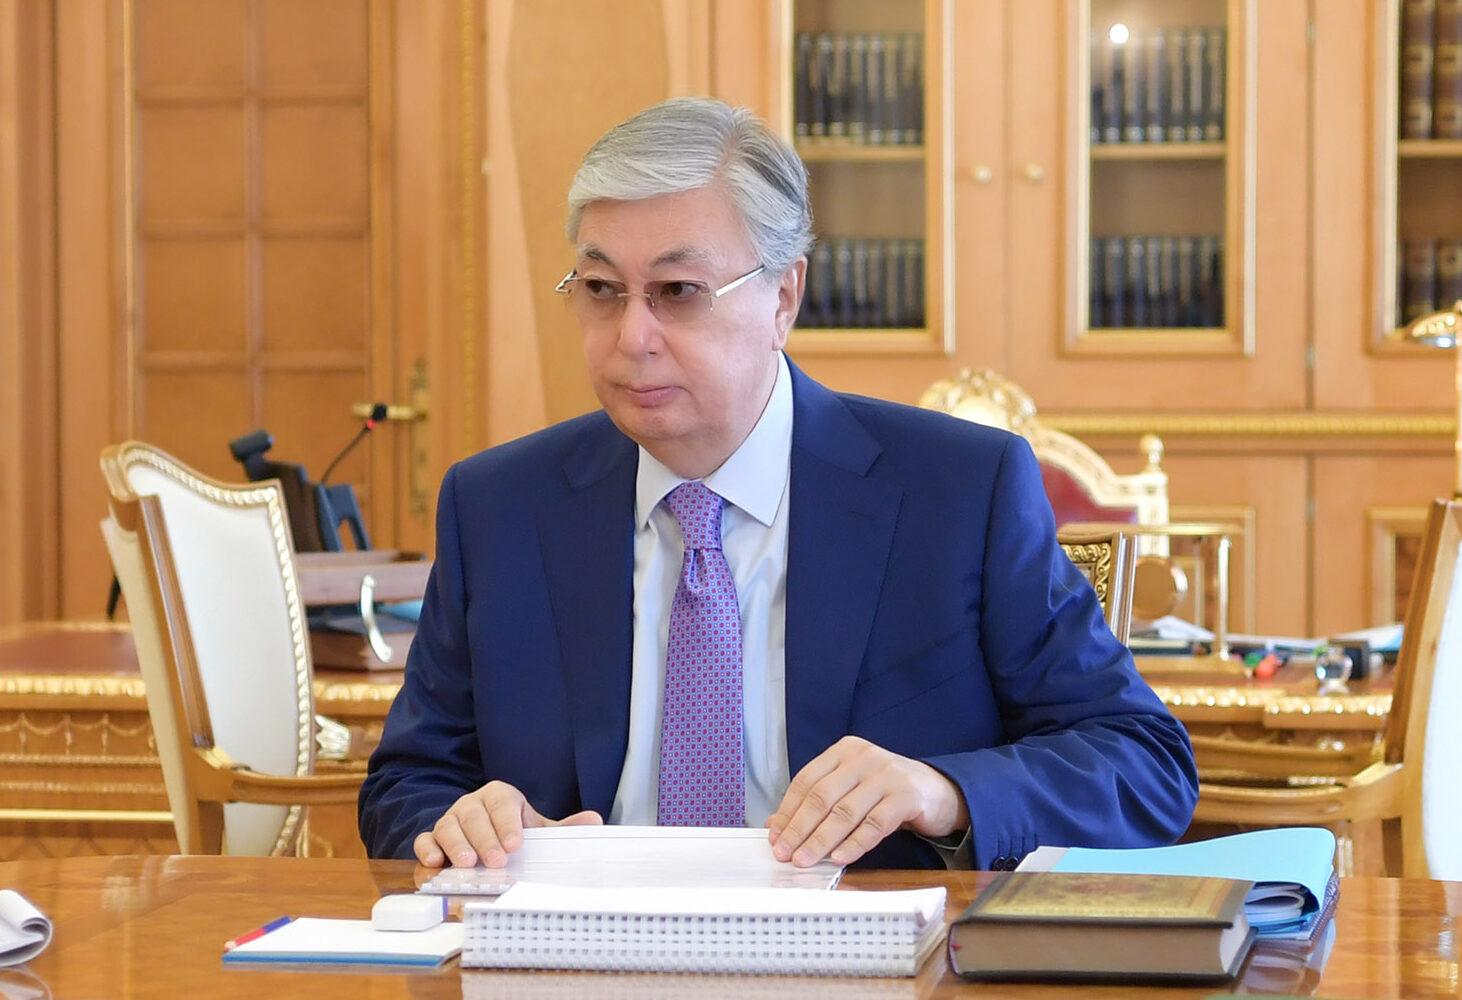 dd0a9ea20eb0c584313b3f1fc69d03e8 e1563188496546 - Kassym-Zhomart Tokayev will visit Turkmenistan